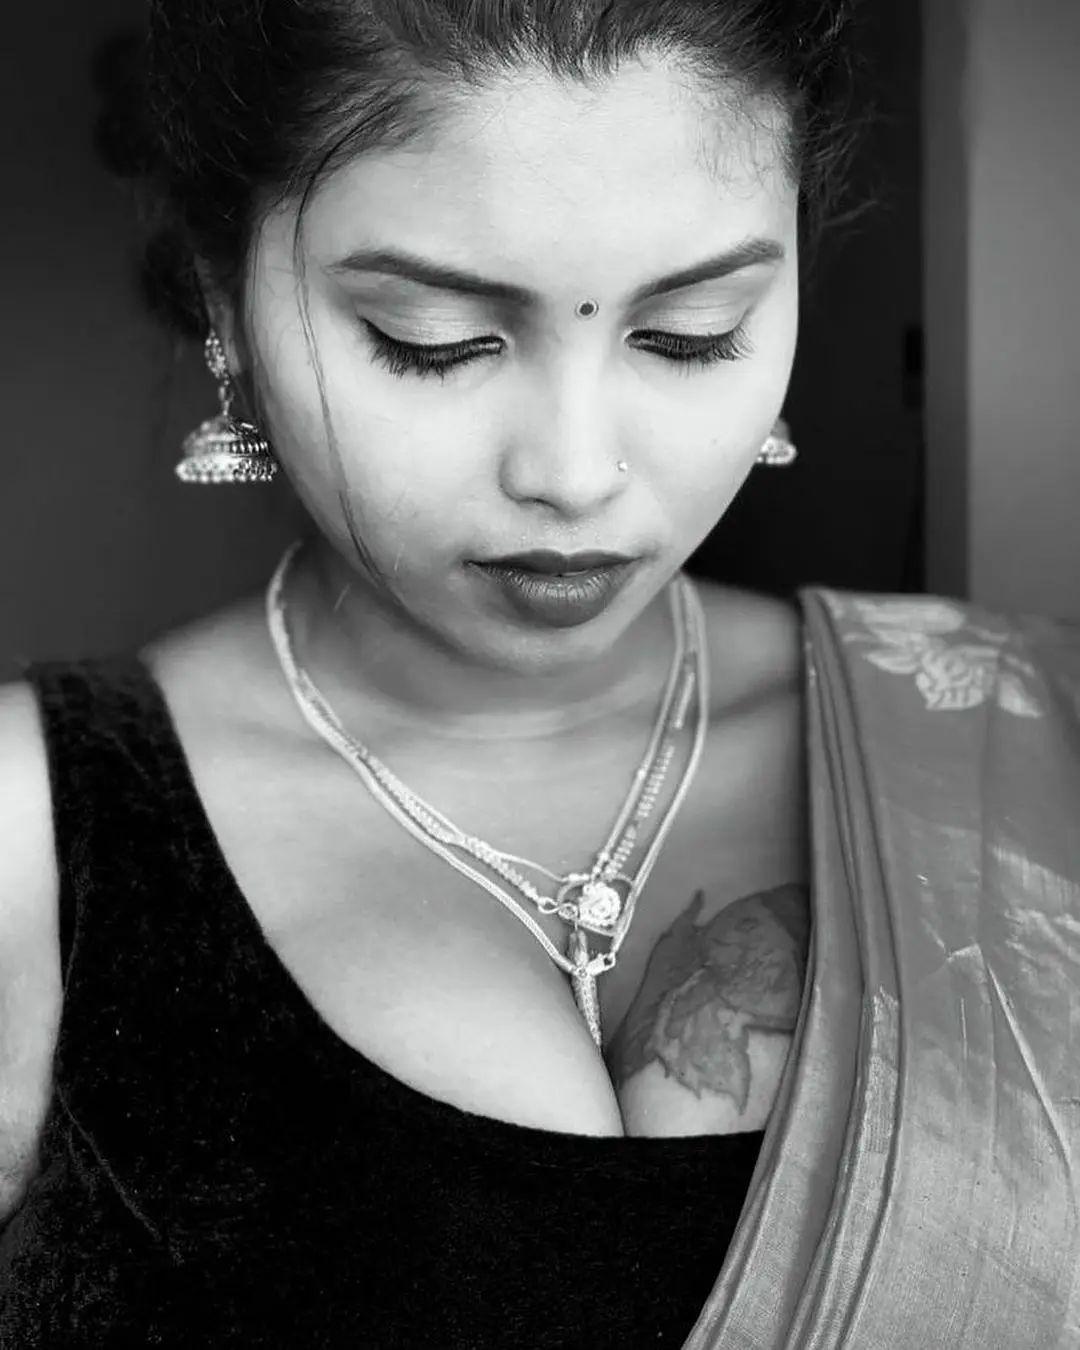 Actress Elakkiya Latest Hot Navel & Cleavage Photos in Saree